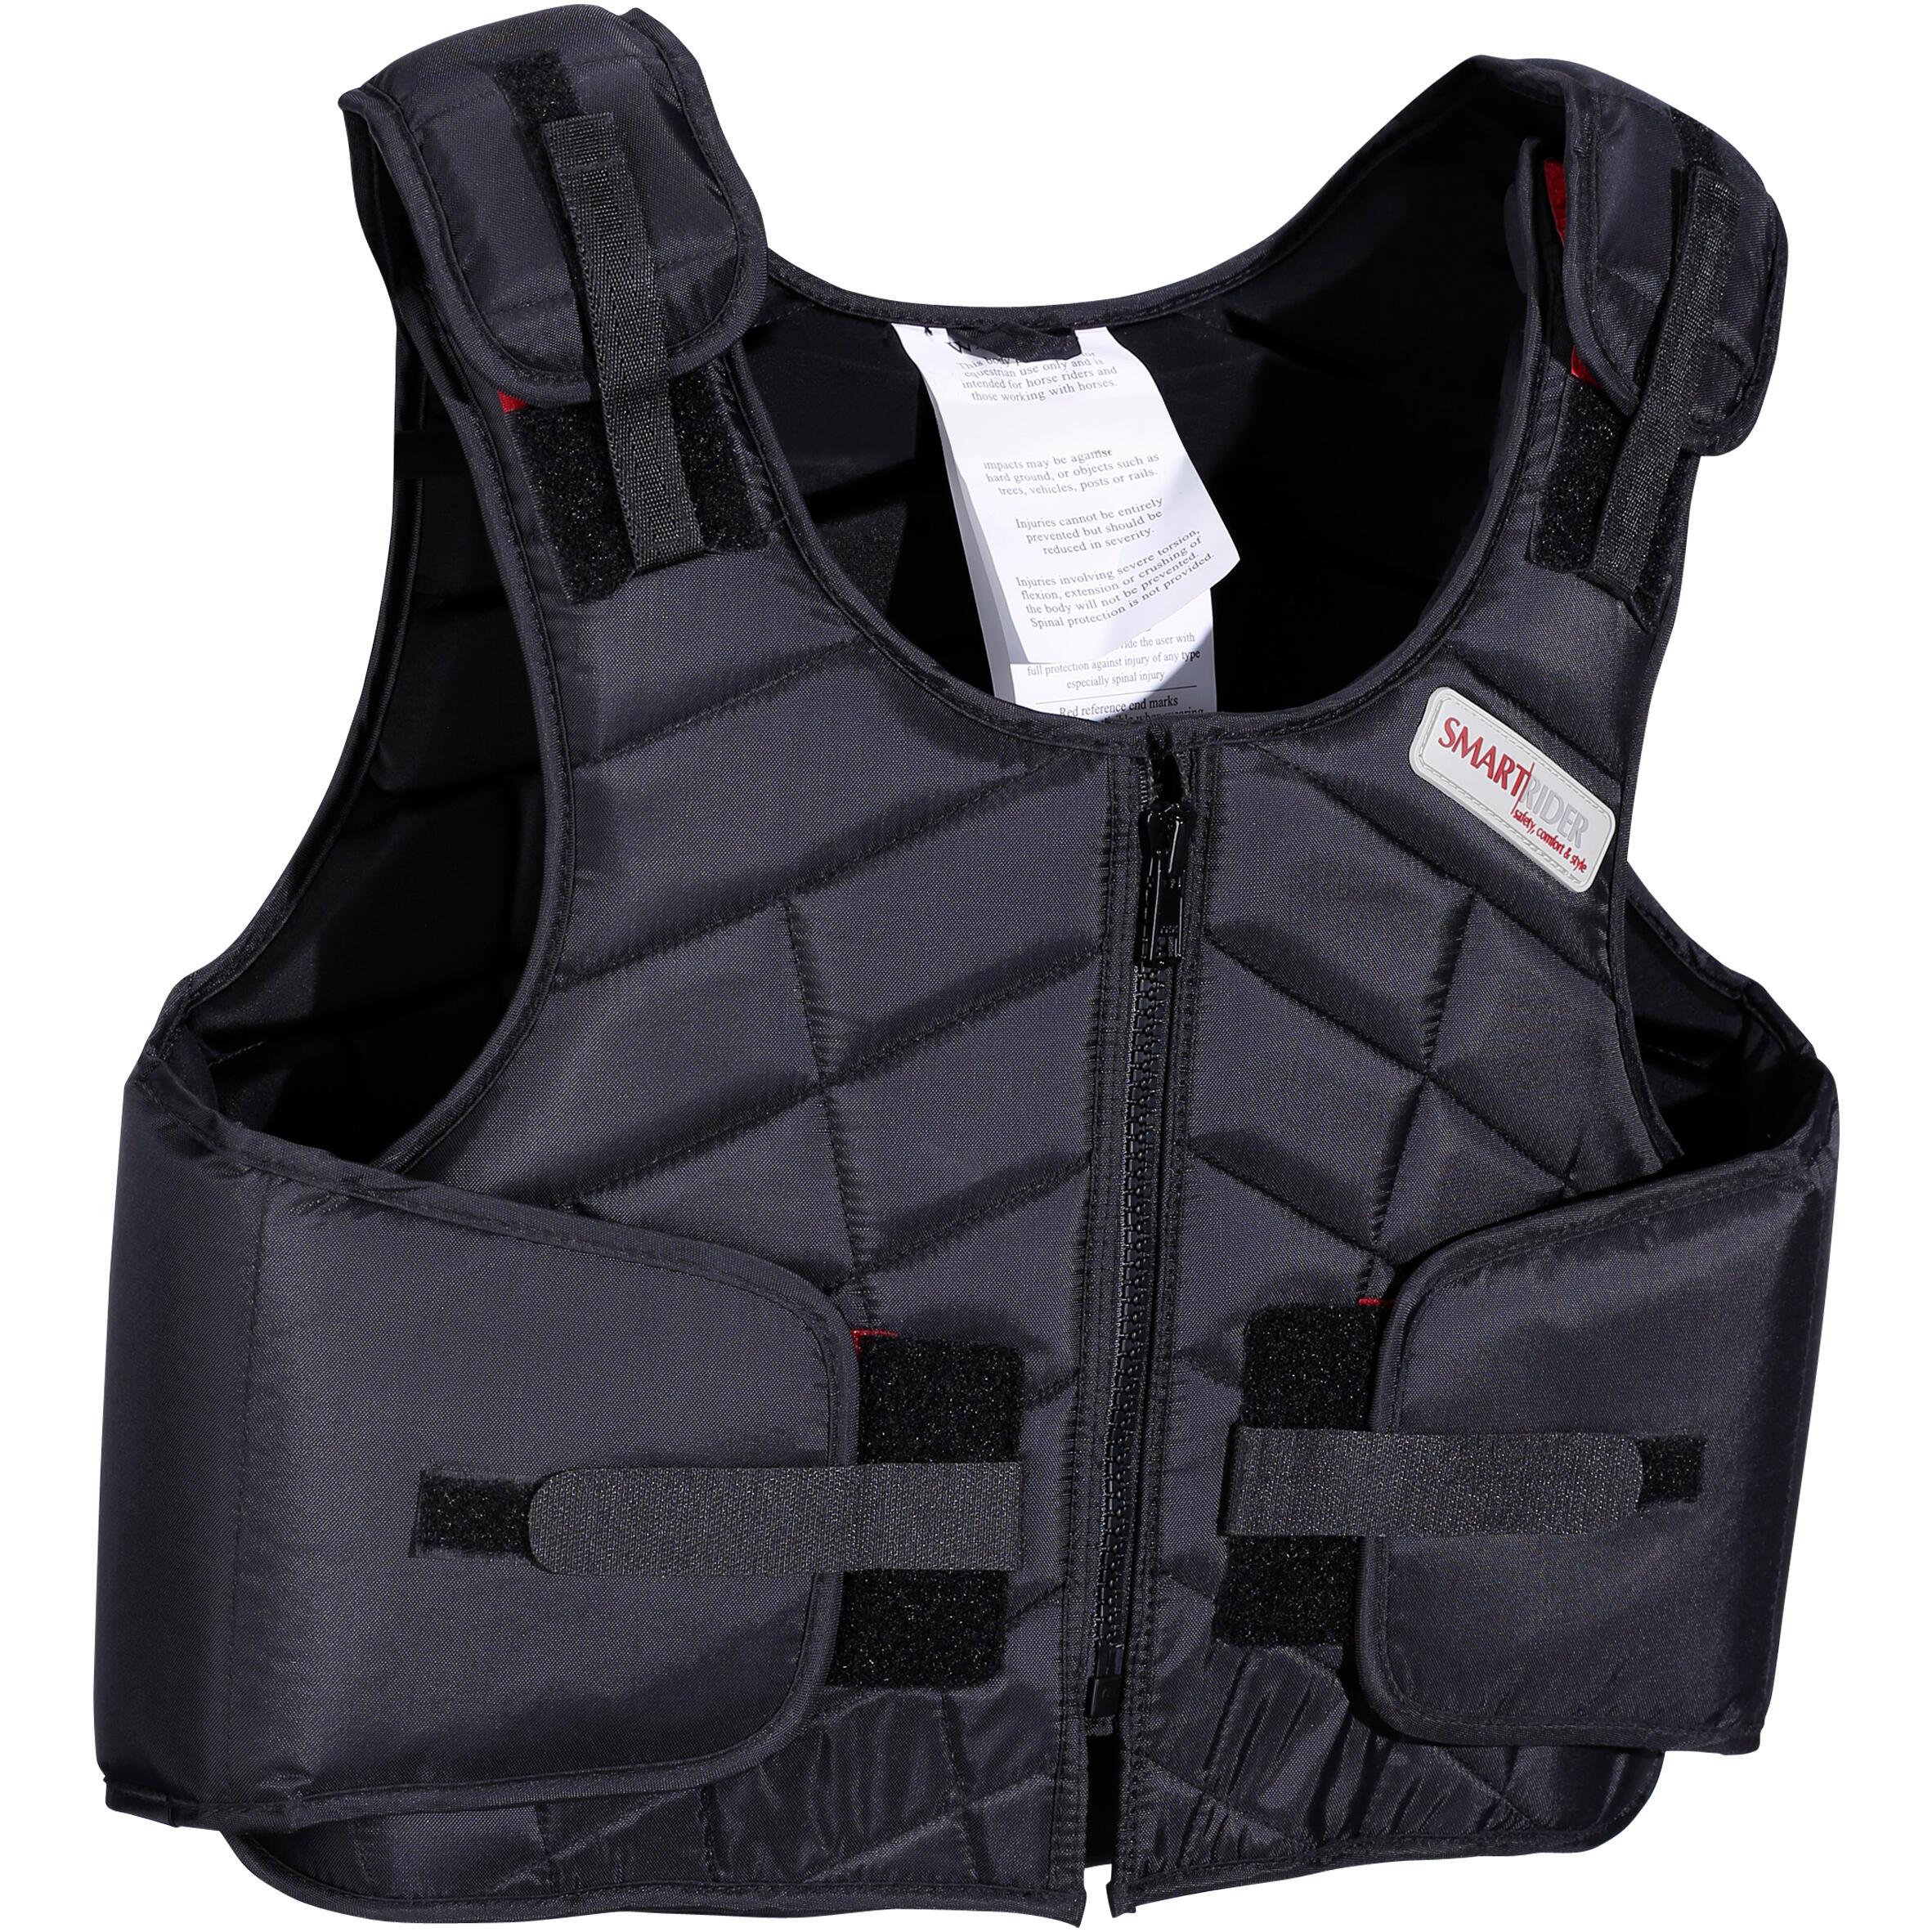 Smart rider Bodyprotector Smartrider 311 voor kinderen, ruitersport, zwart